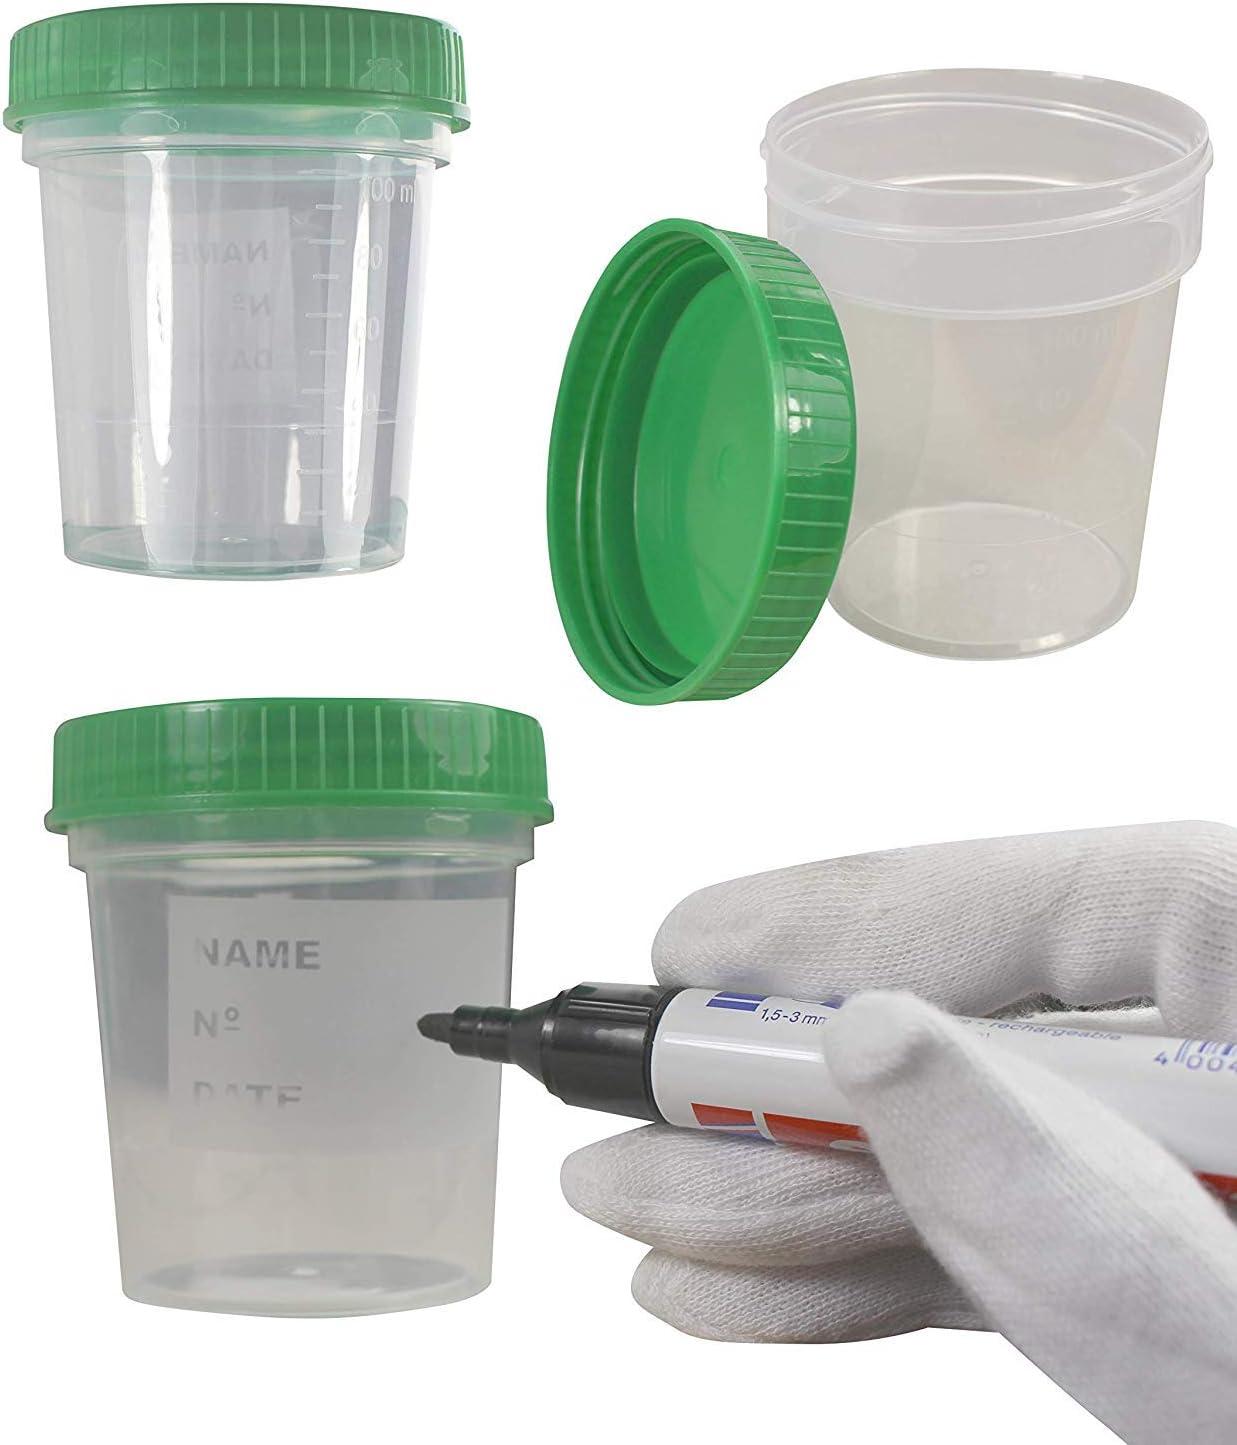 25 x Envase de la orina 125 ml / Color: Natural / Tapón de rosca: Verde / con Graduación / higiénico embalado / con Cuadro de rotulación de Taza y Tapa / Tazas de la muestra de orina / Muestra de orin